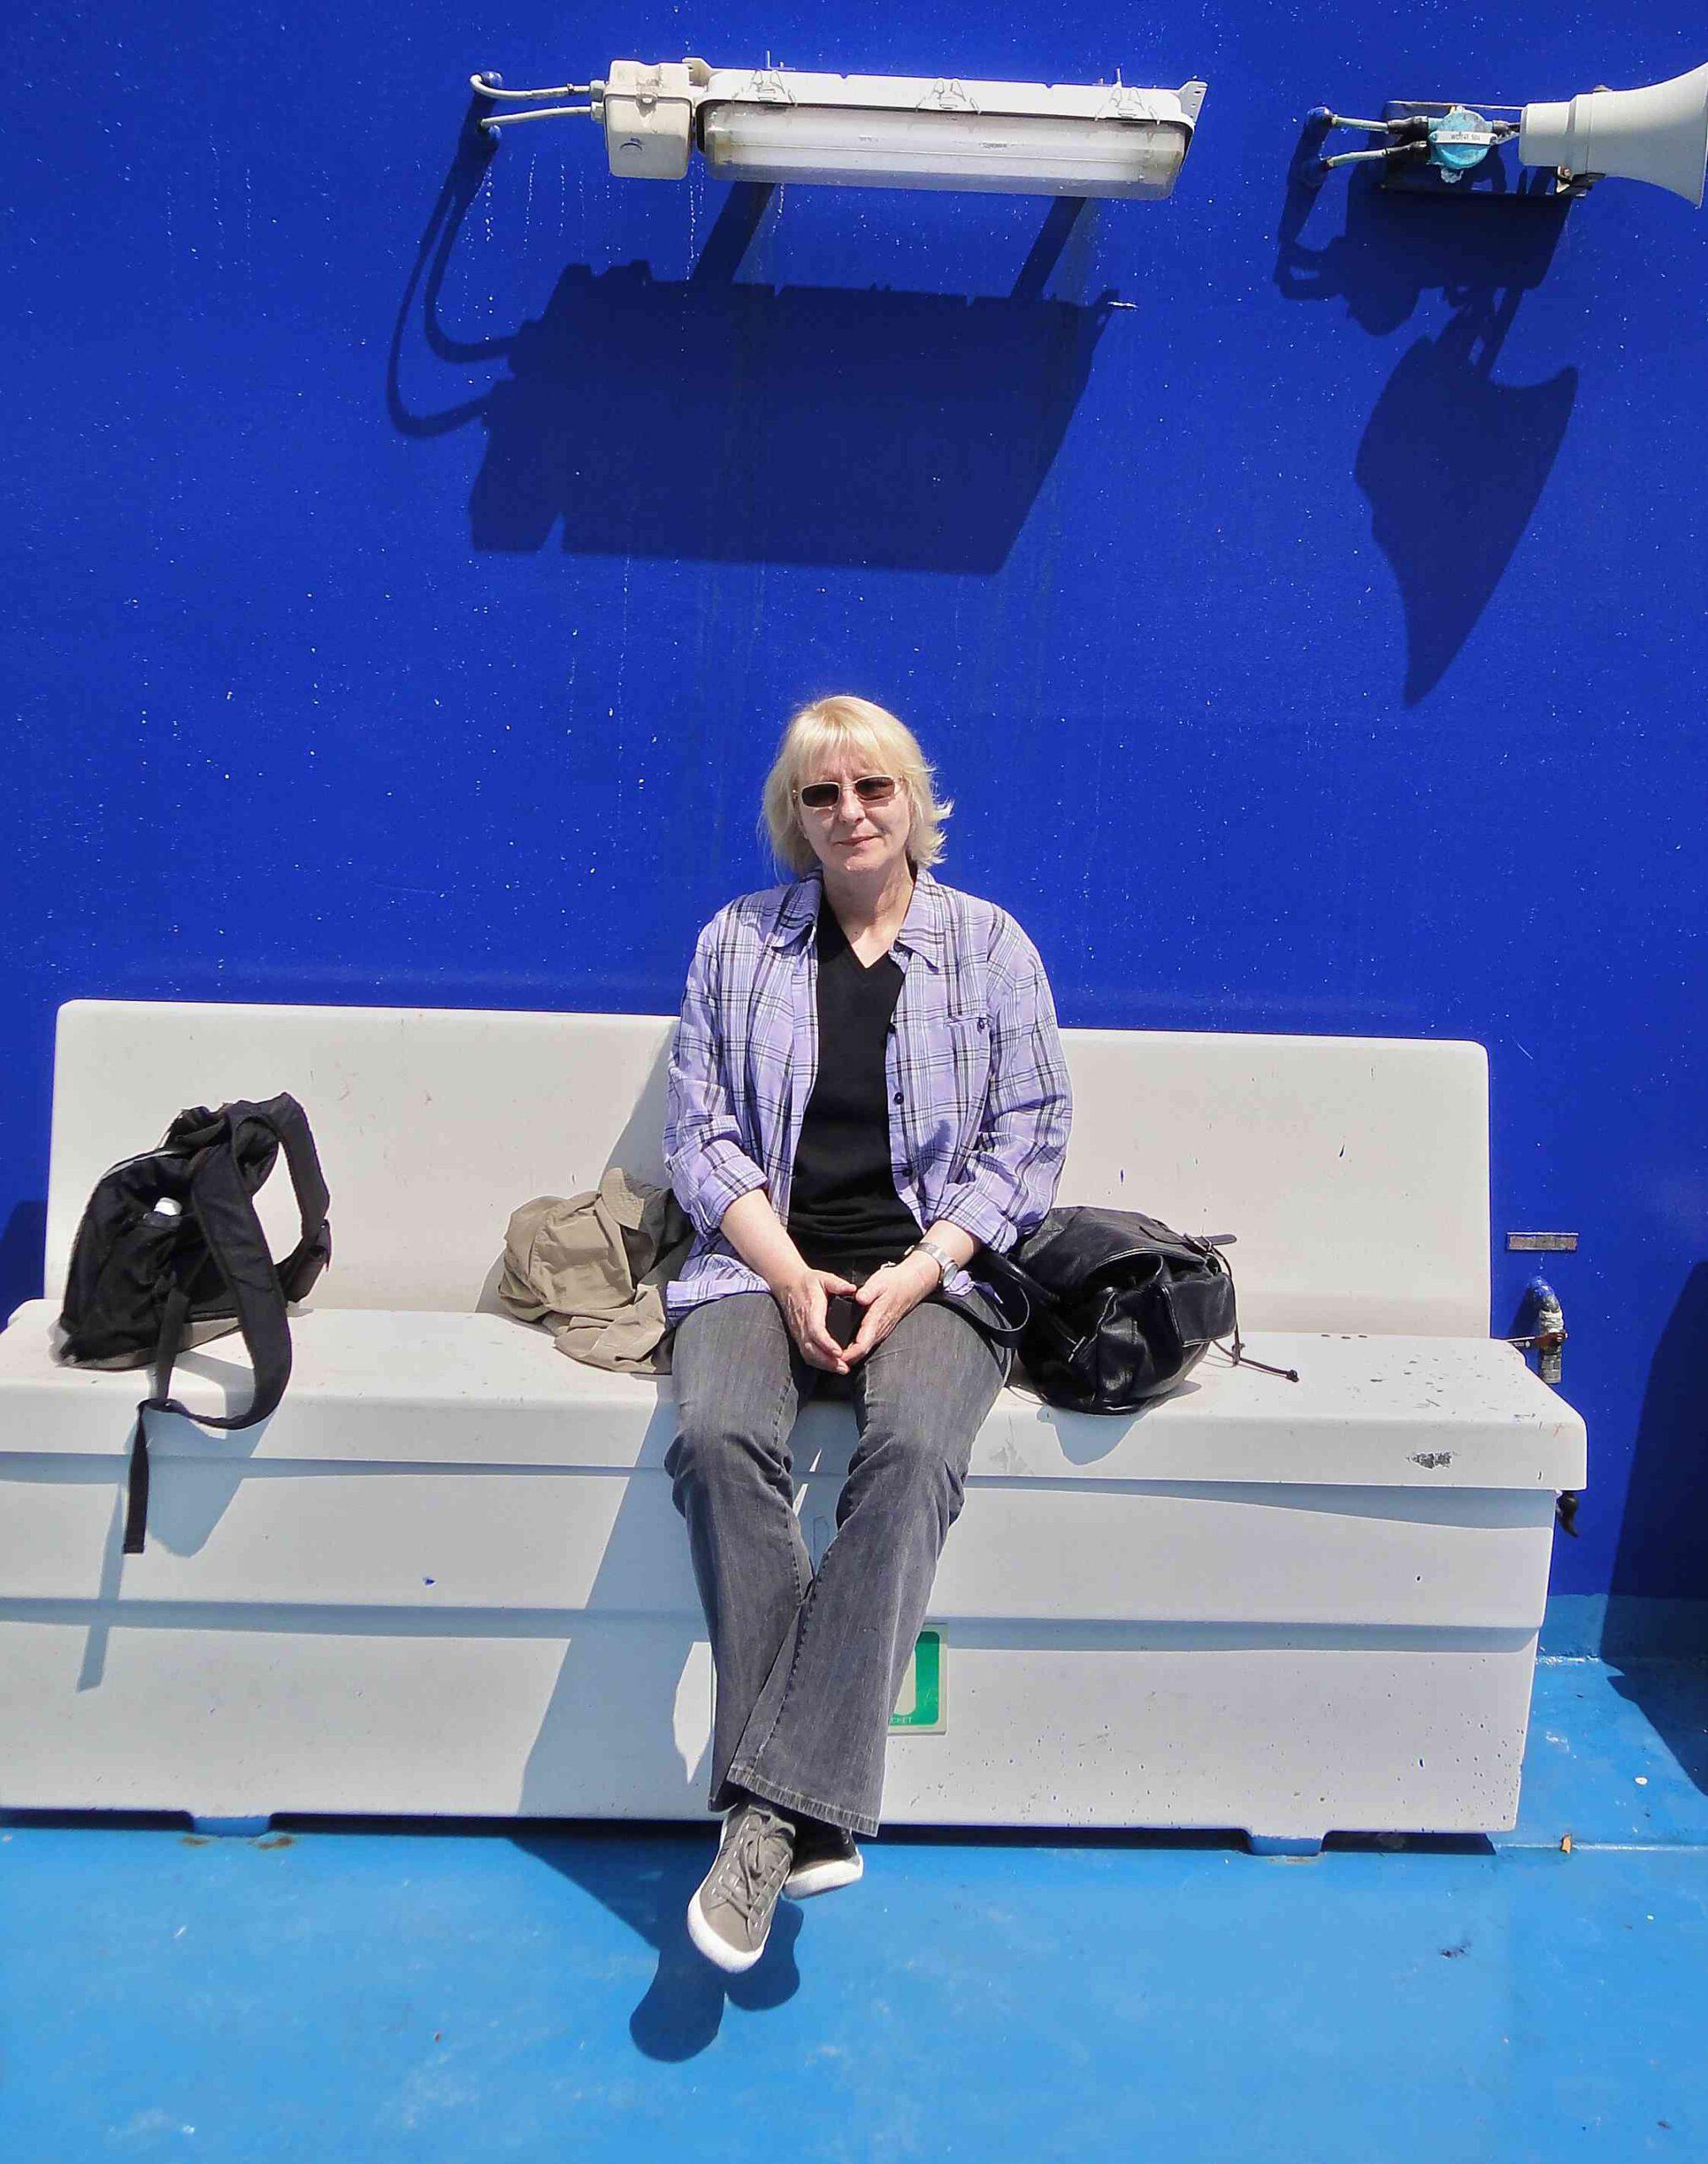 Sabine Denker auf der Faehre, Hinreise von Calais nach Dover